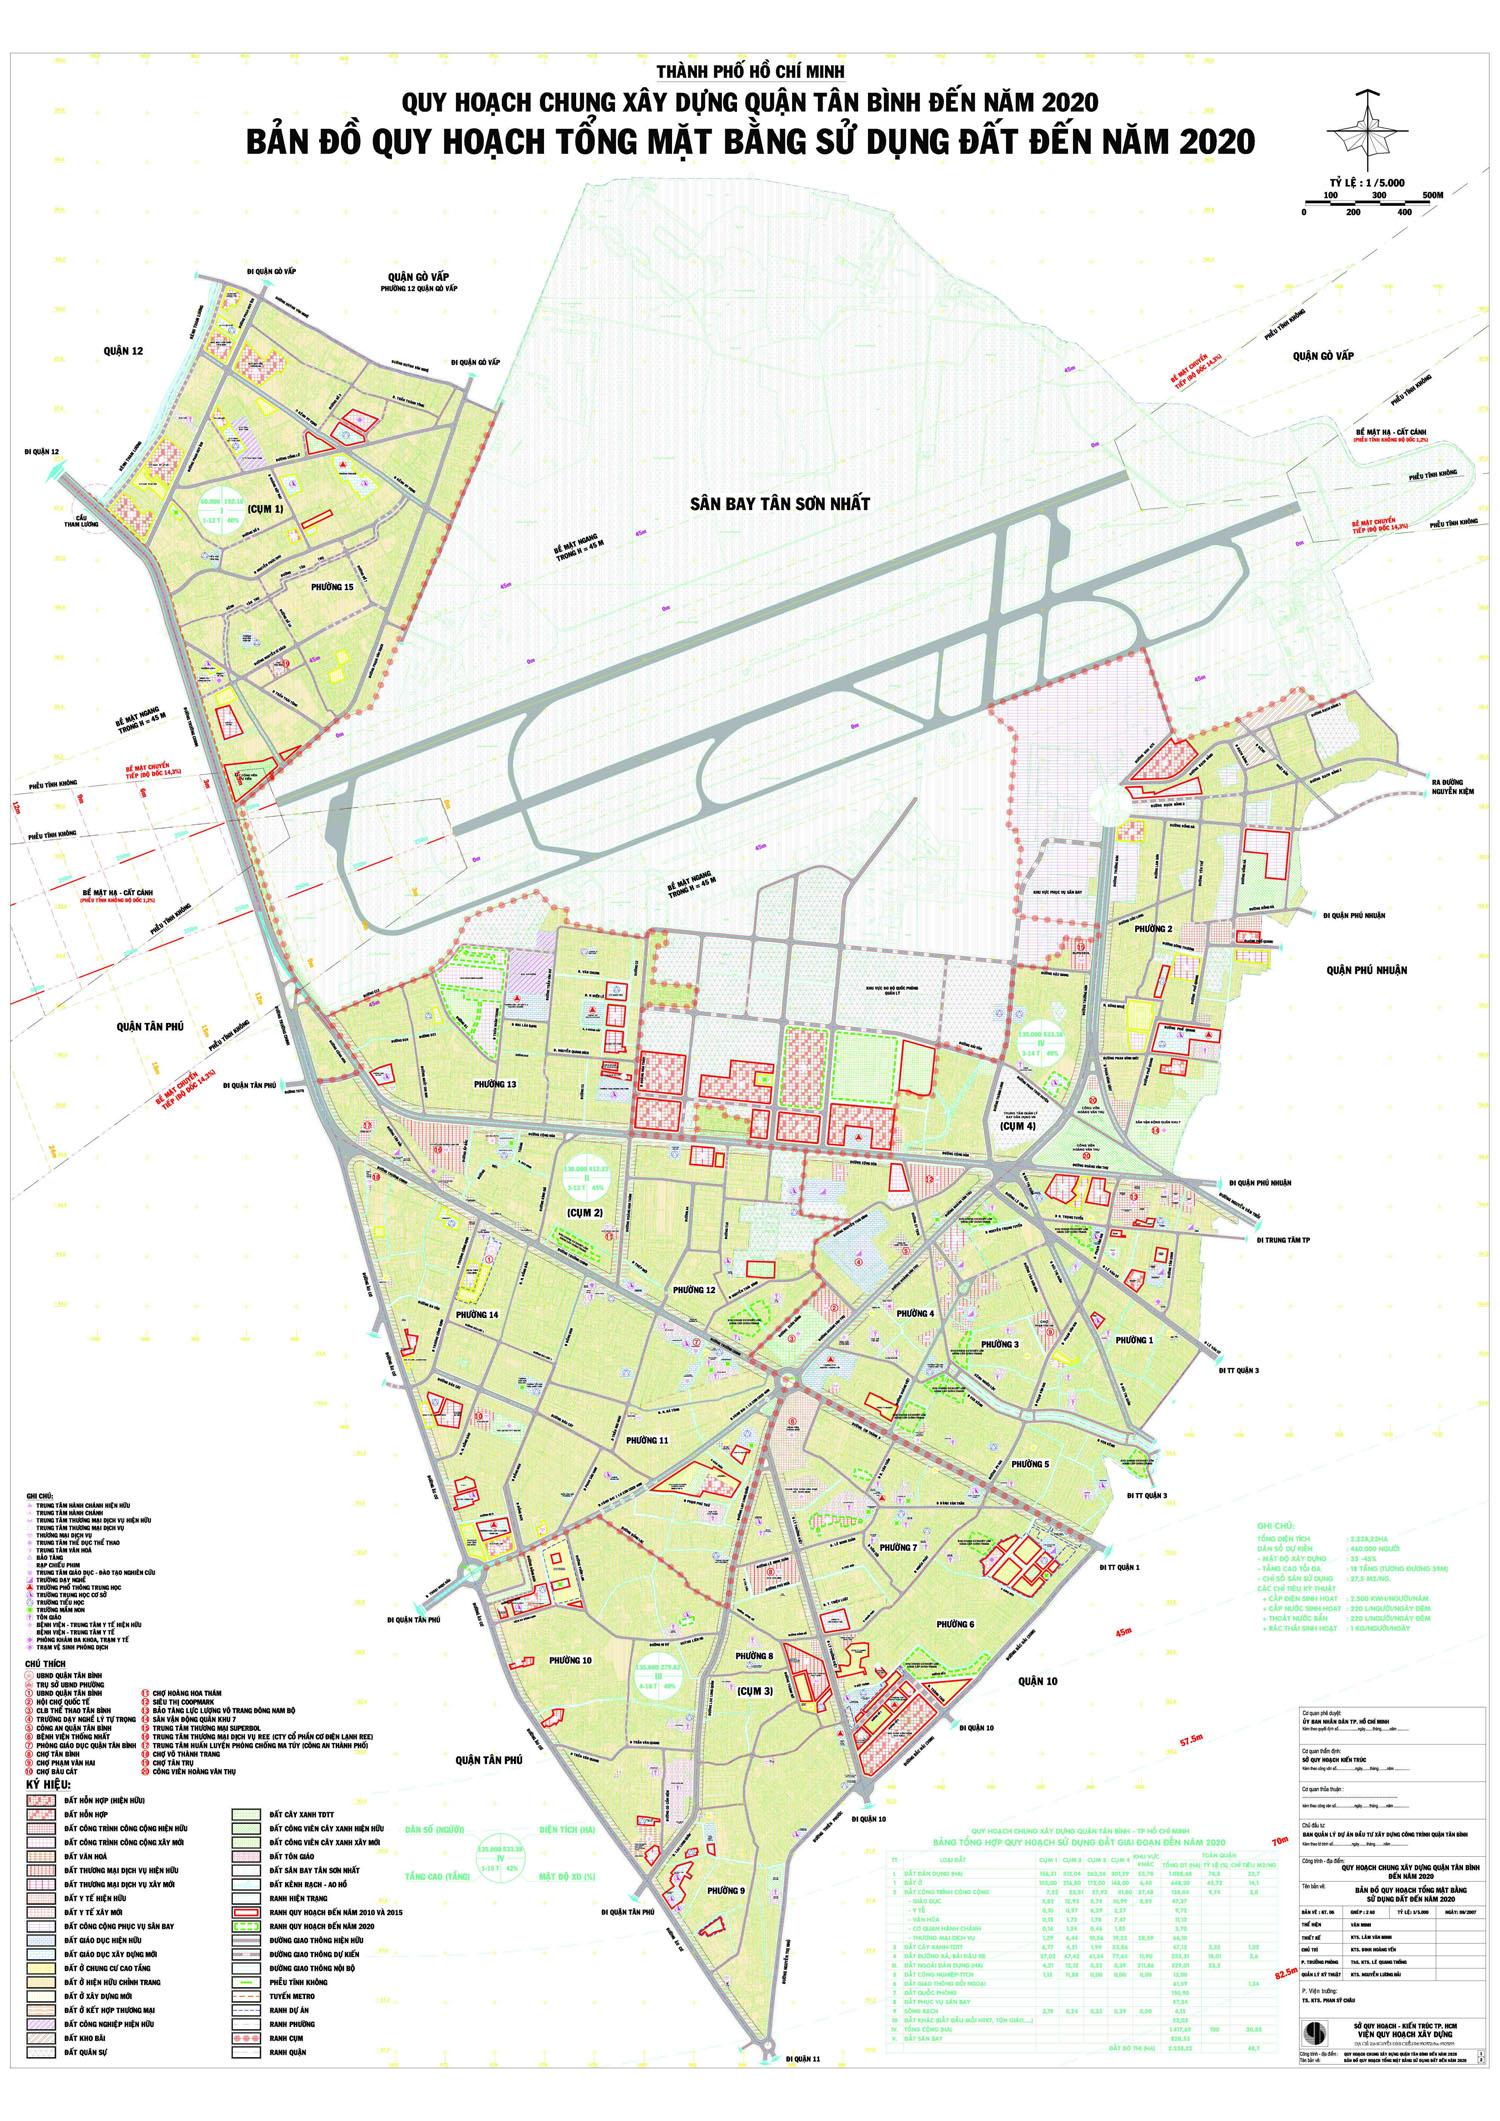 Bản đồ quy hoạch, các phường và dự án tại quận Tân Bình